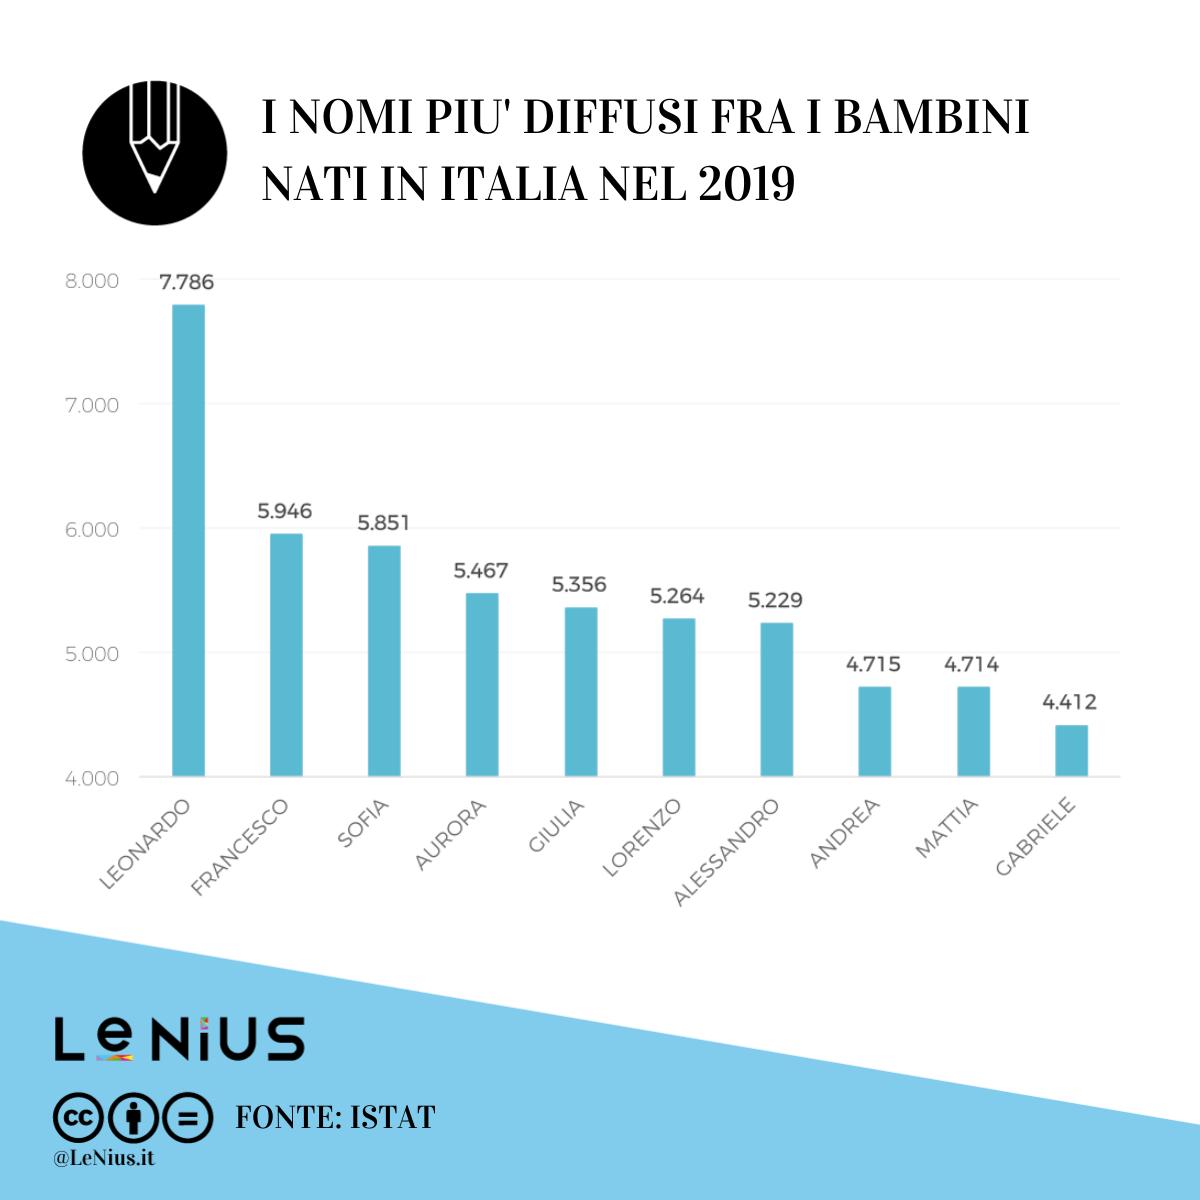 nomi più diffusi in italia nel 2019